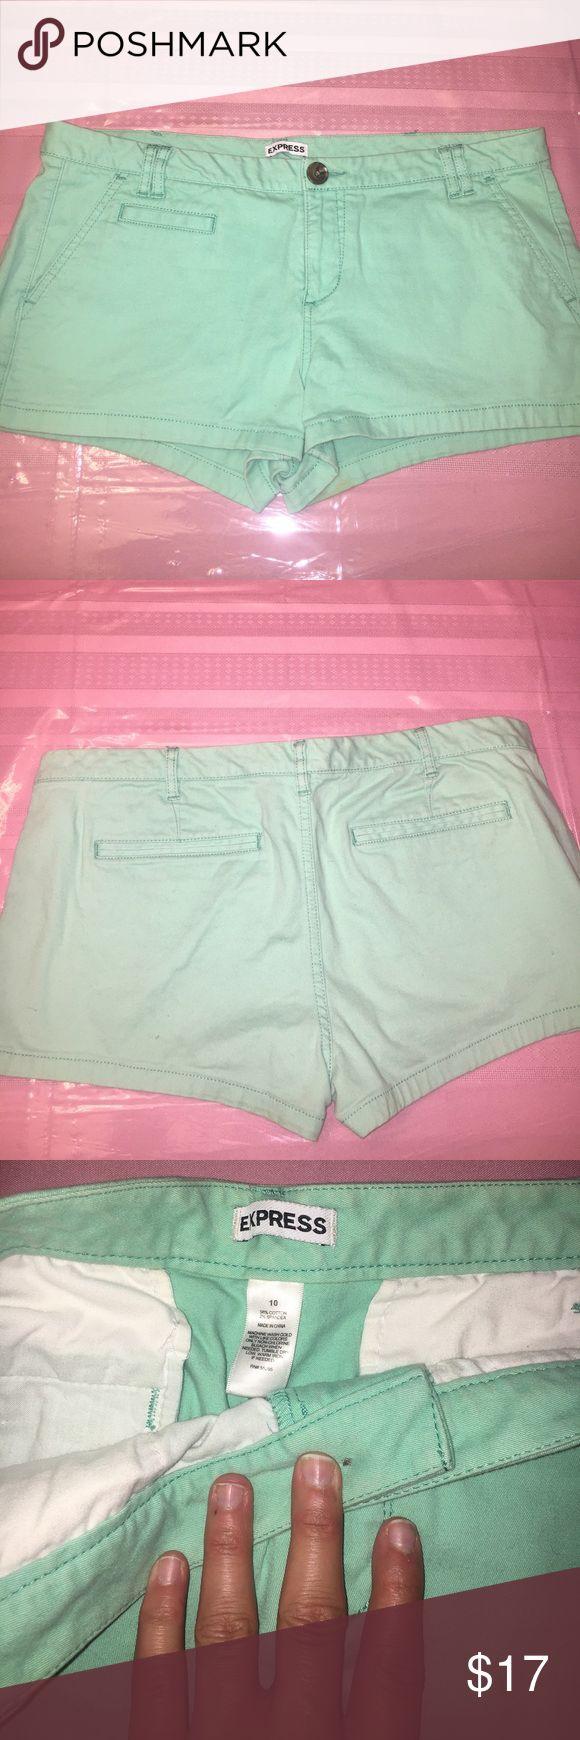 Aqua Shorts Express Aqua Shorts // Size 10 Express Shorts